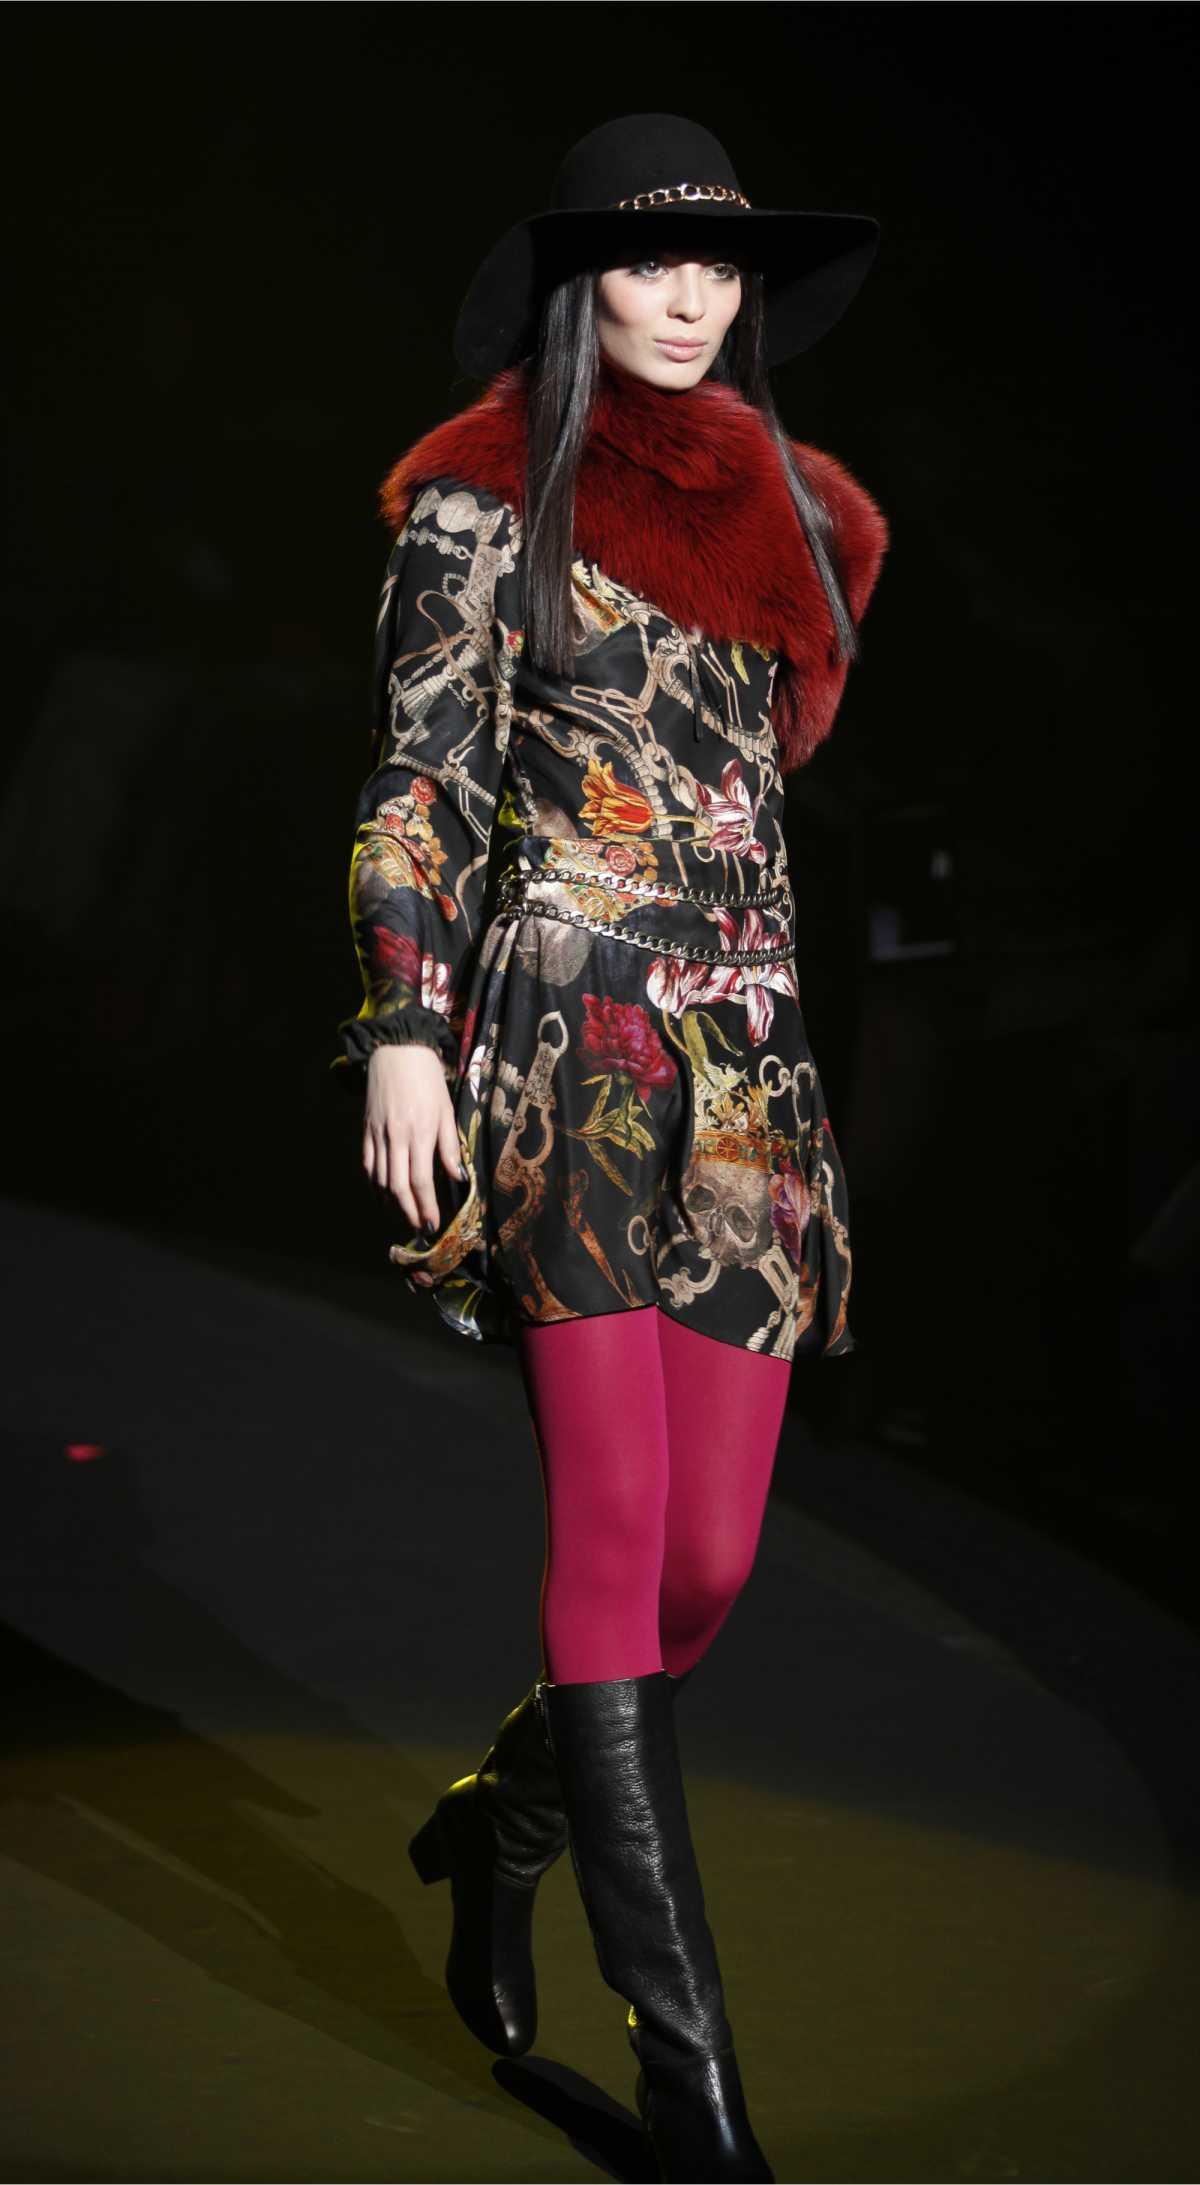 vestido floral com meias grossas vermelhas